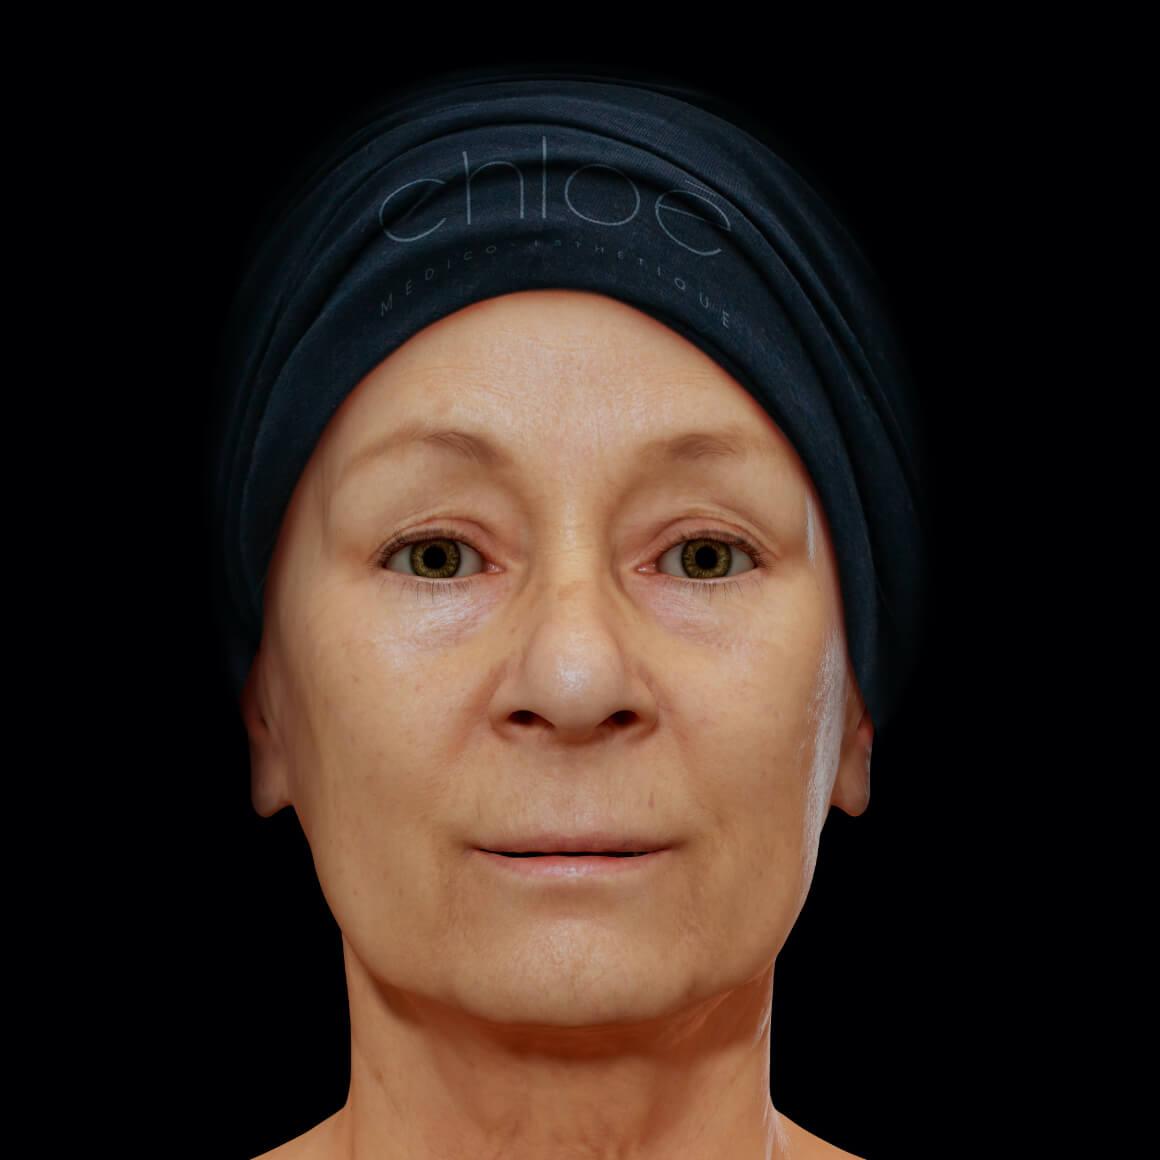 Femme patiente à la Clinique Chloé positionnée de face après des traitements de mésothérapie pour estomper les rides